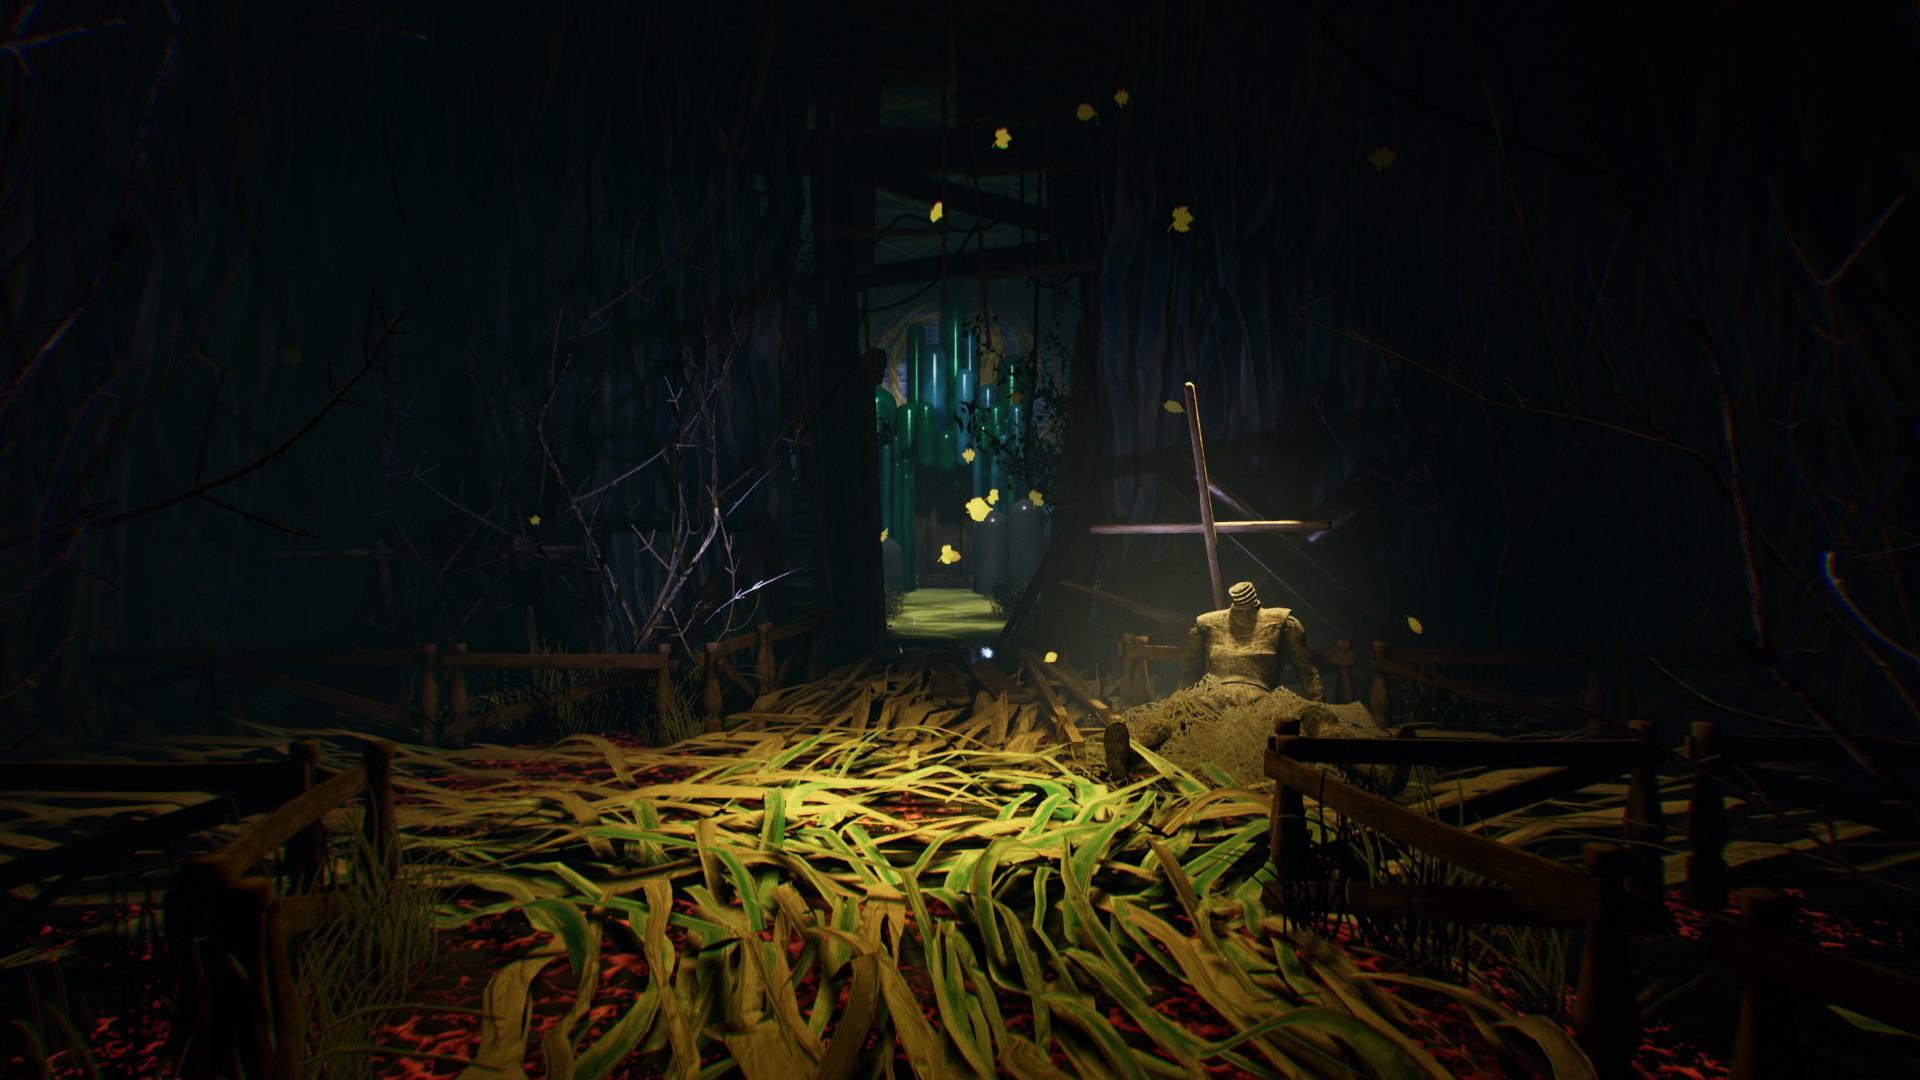 Обзор Layers of Fear 2 (+ розыгрыш ключика). - Изображение 2